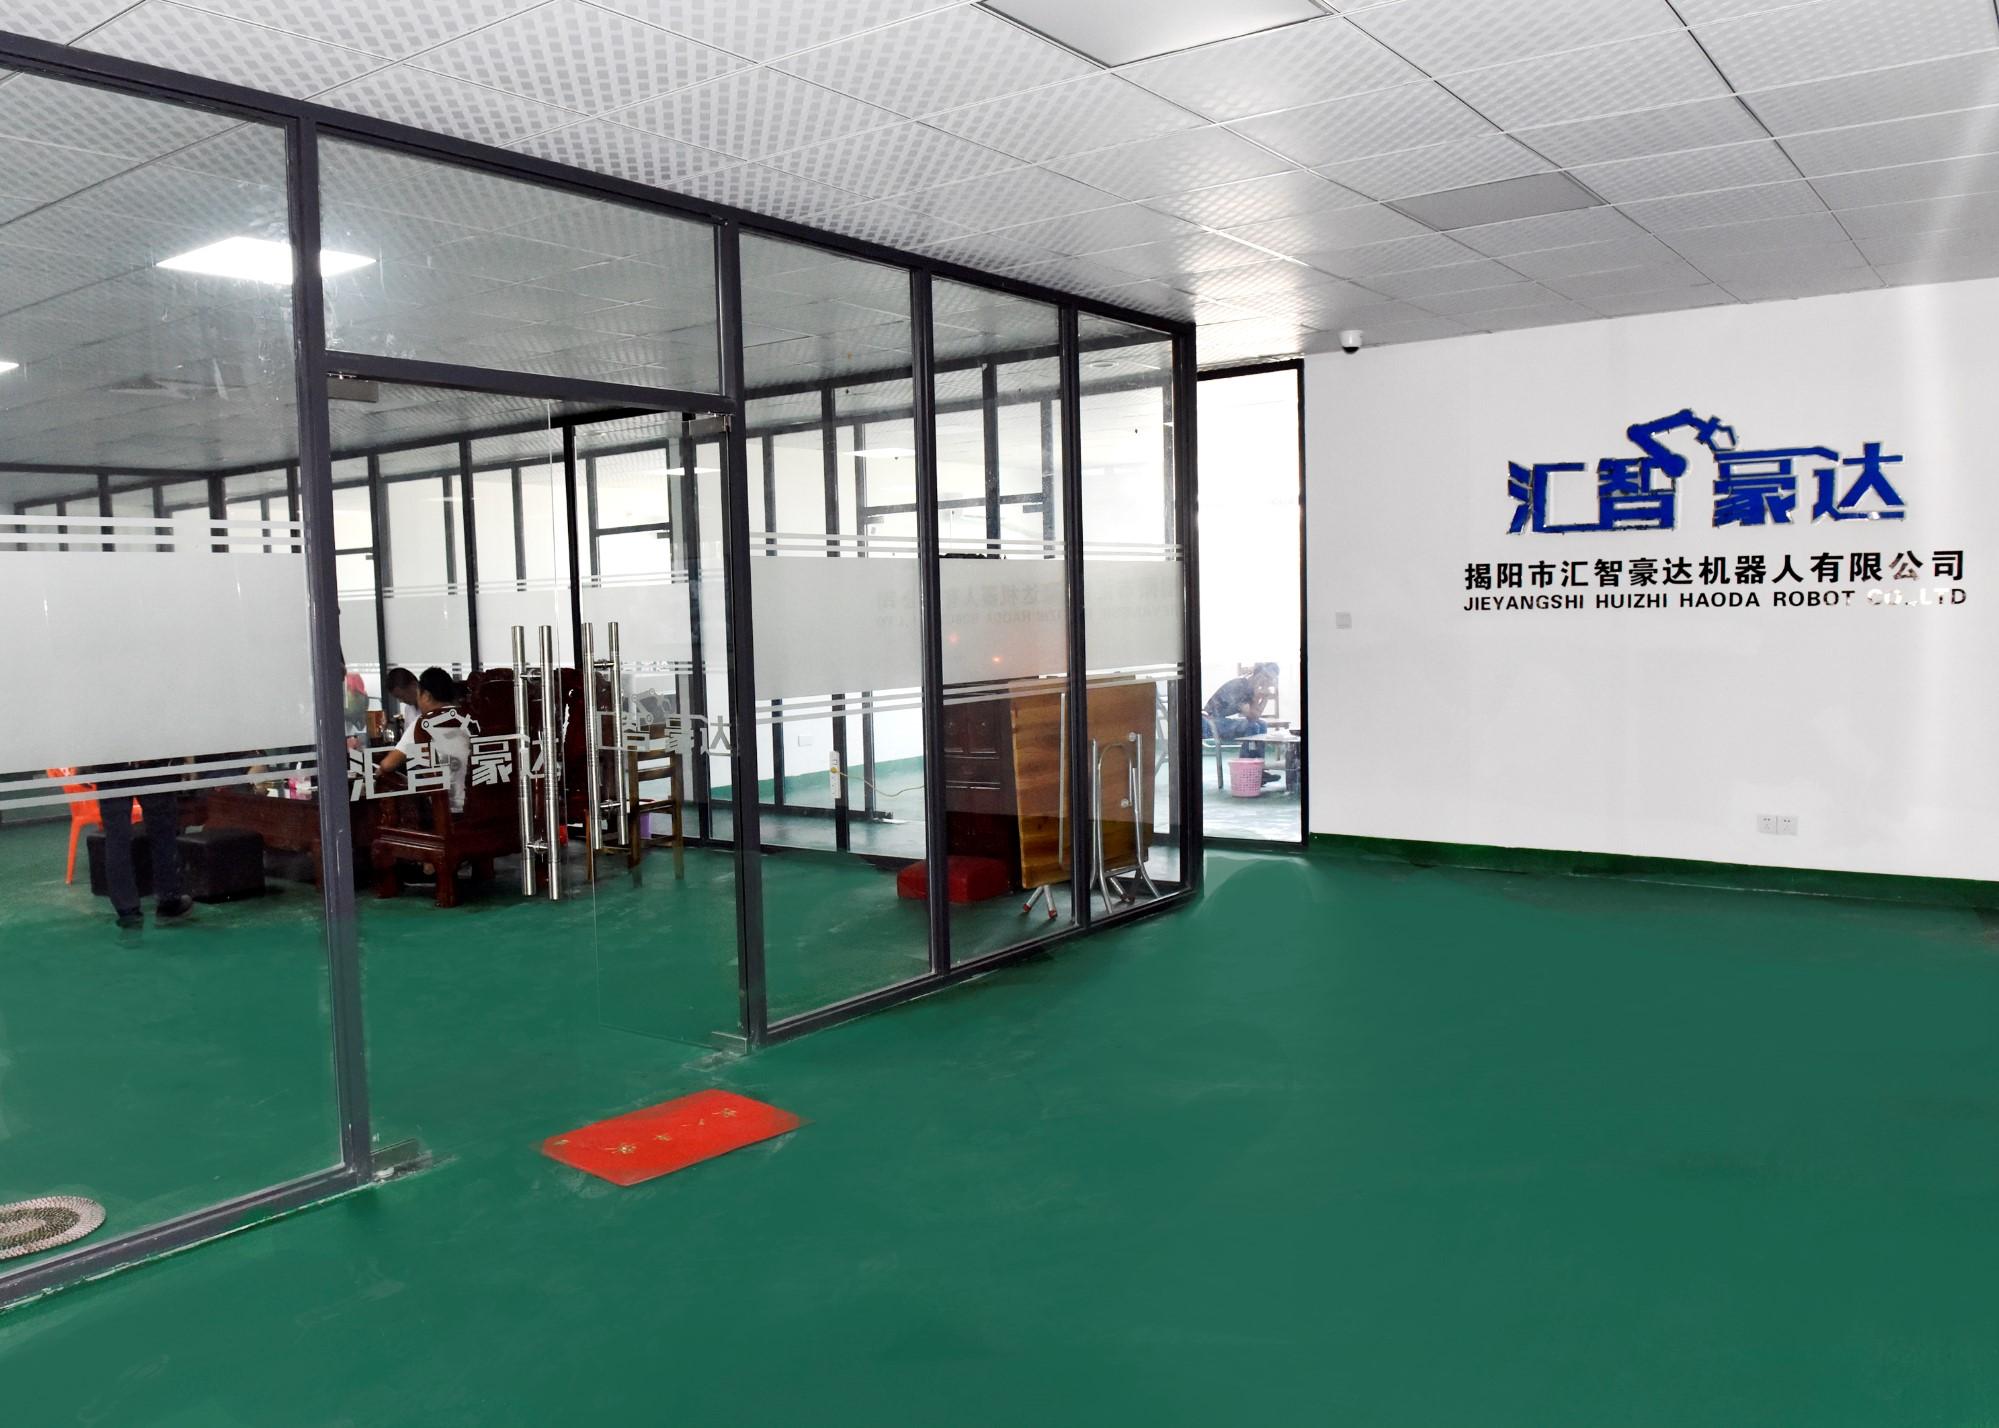 به شرکت روبات جیانگ Huizhi هاودا ، با مسئولیت محدود خوش آمدید